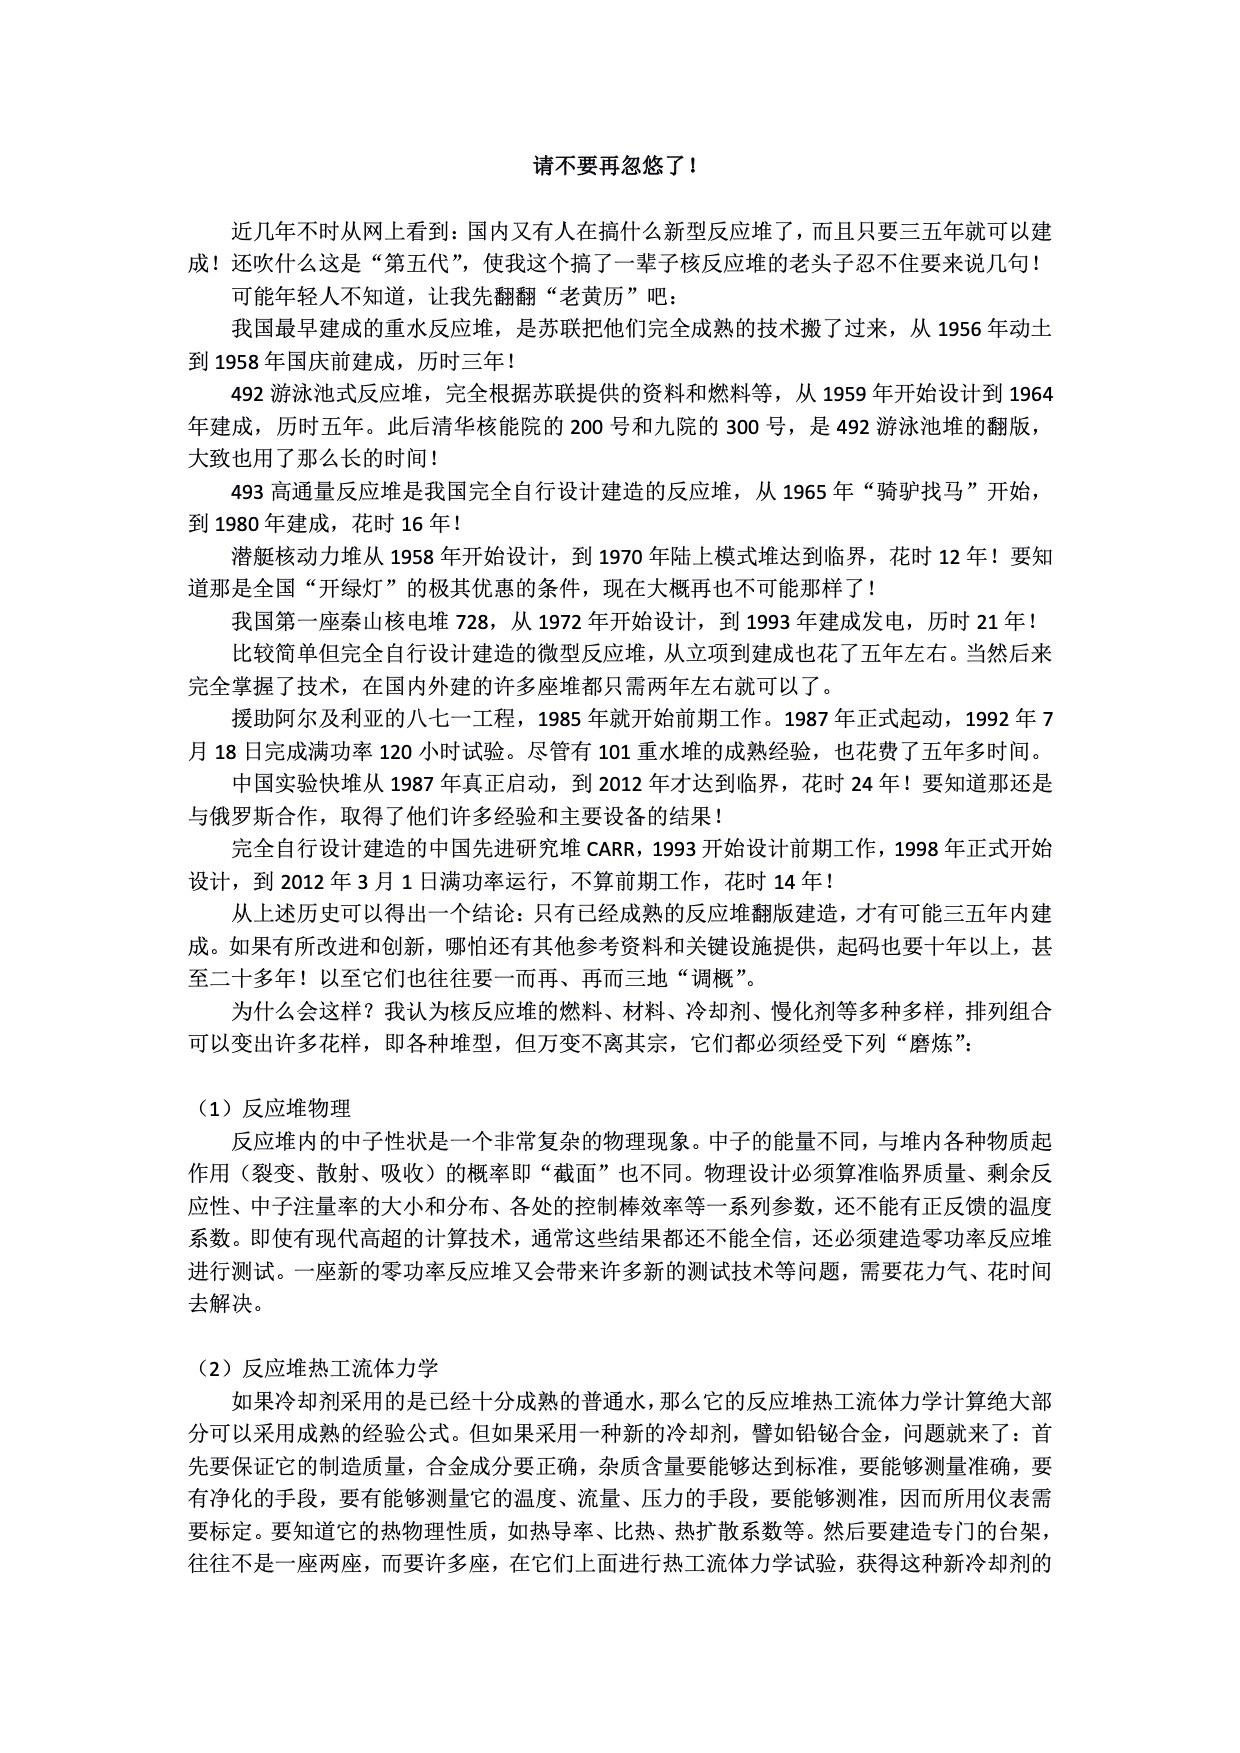 """核能老专家撰文批评科研""""忽悠"""" """"核5G""""再受质疑图片"""